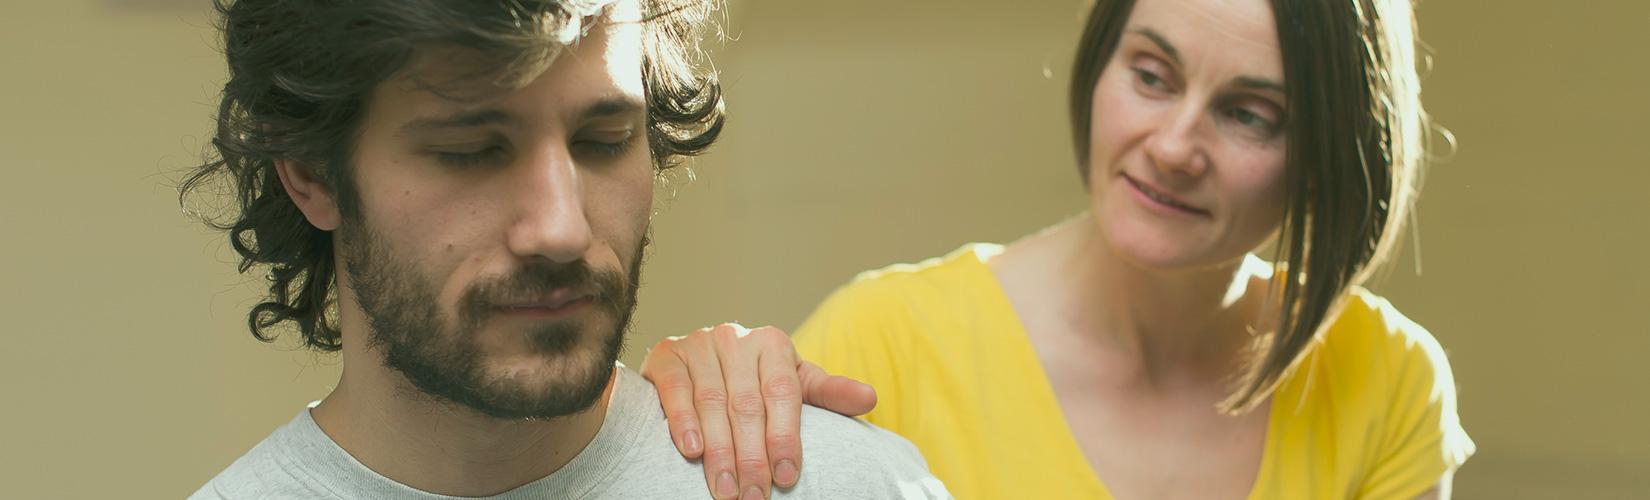 shiatsu acupressure shoulders close up faces